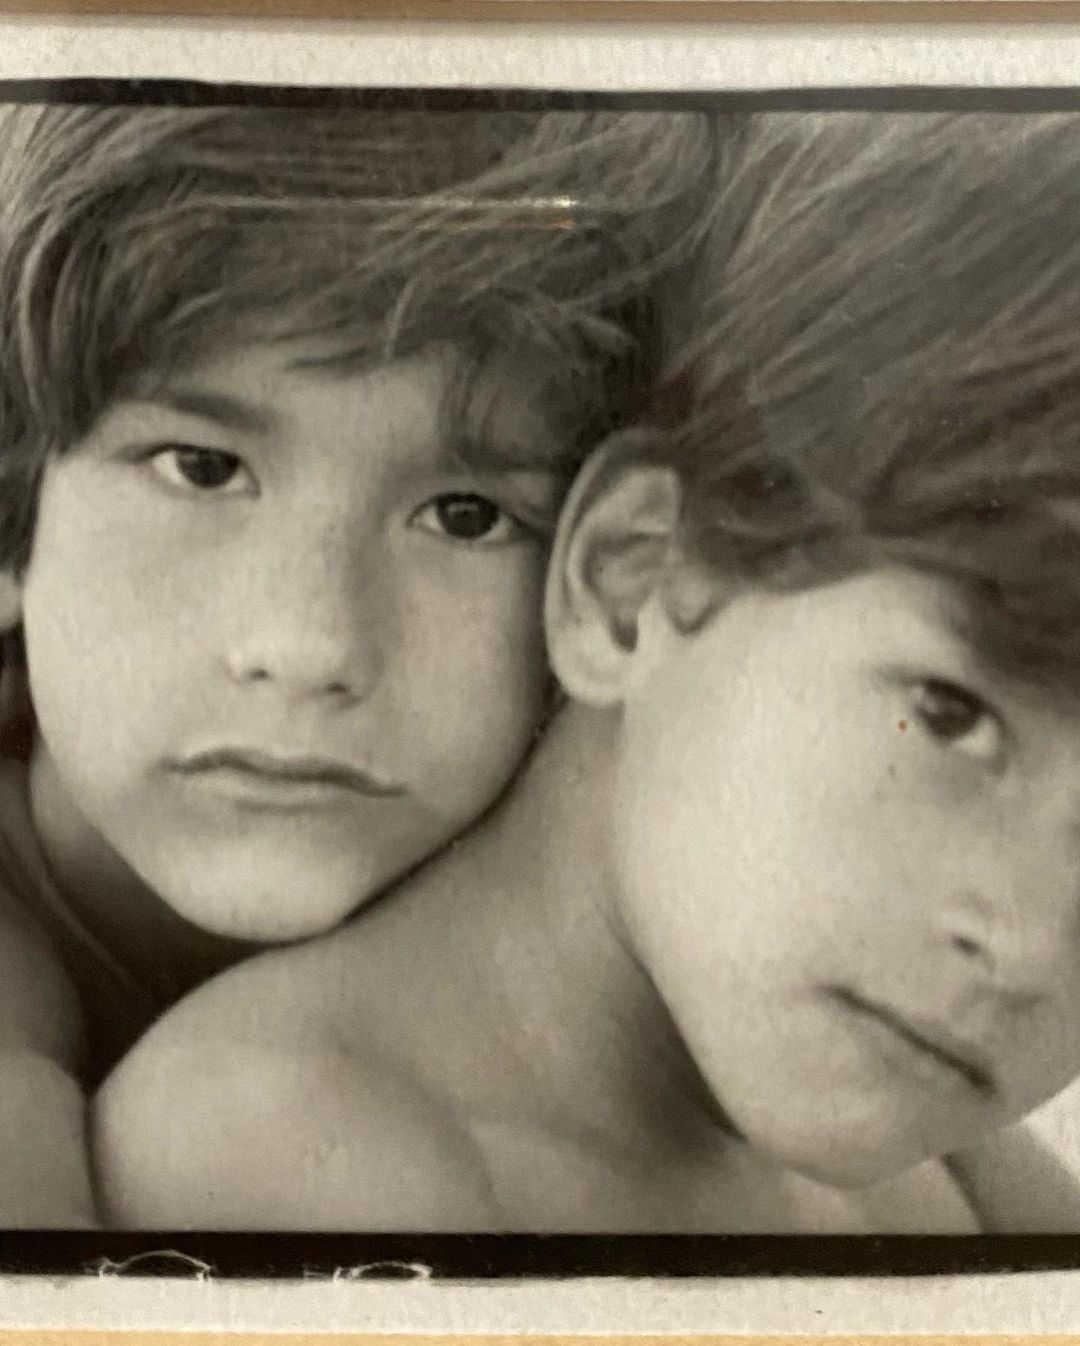 Mau y Ricky cuando eran niños